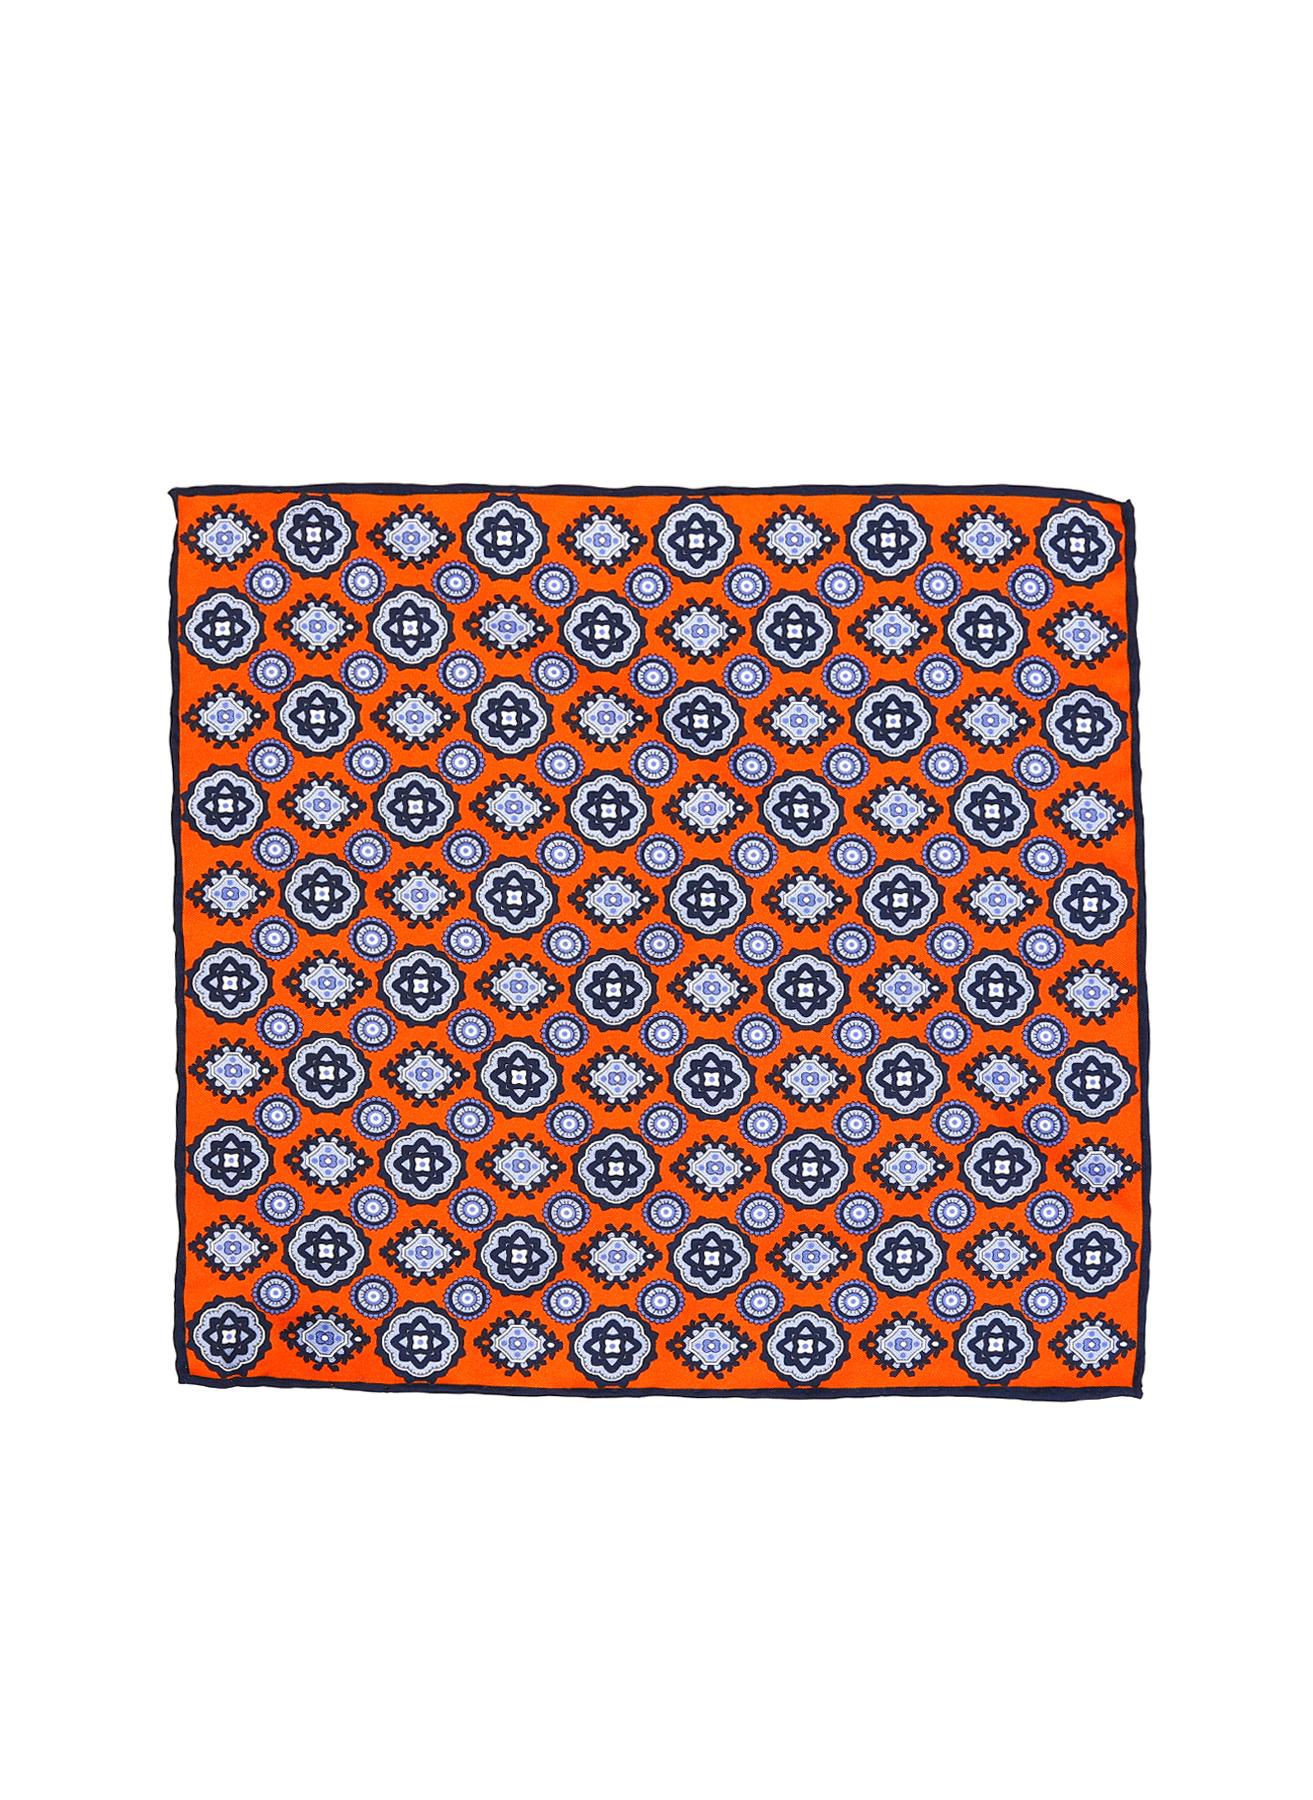 George Hogg Geometrik Desenli Lacivert-Turuncu İpek Mendil 5002356634001 Ürün Resmi